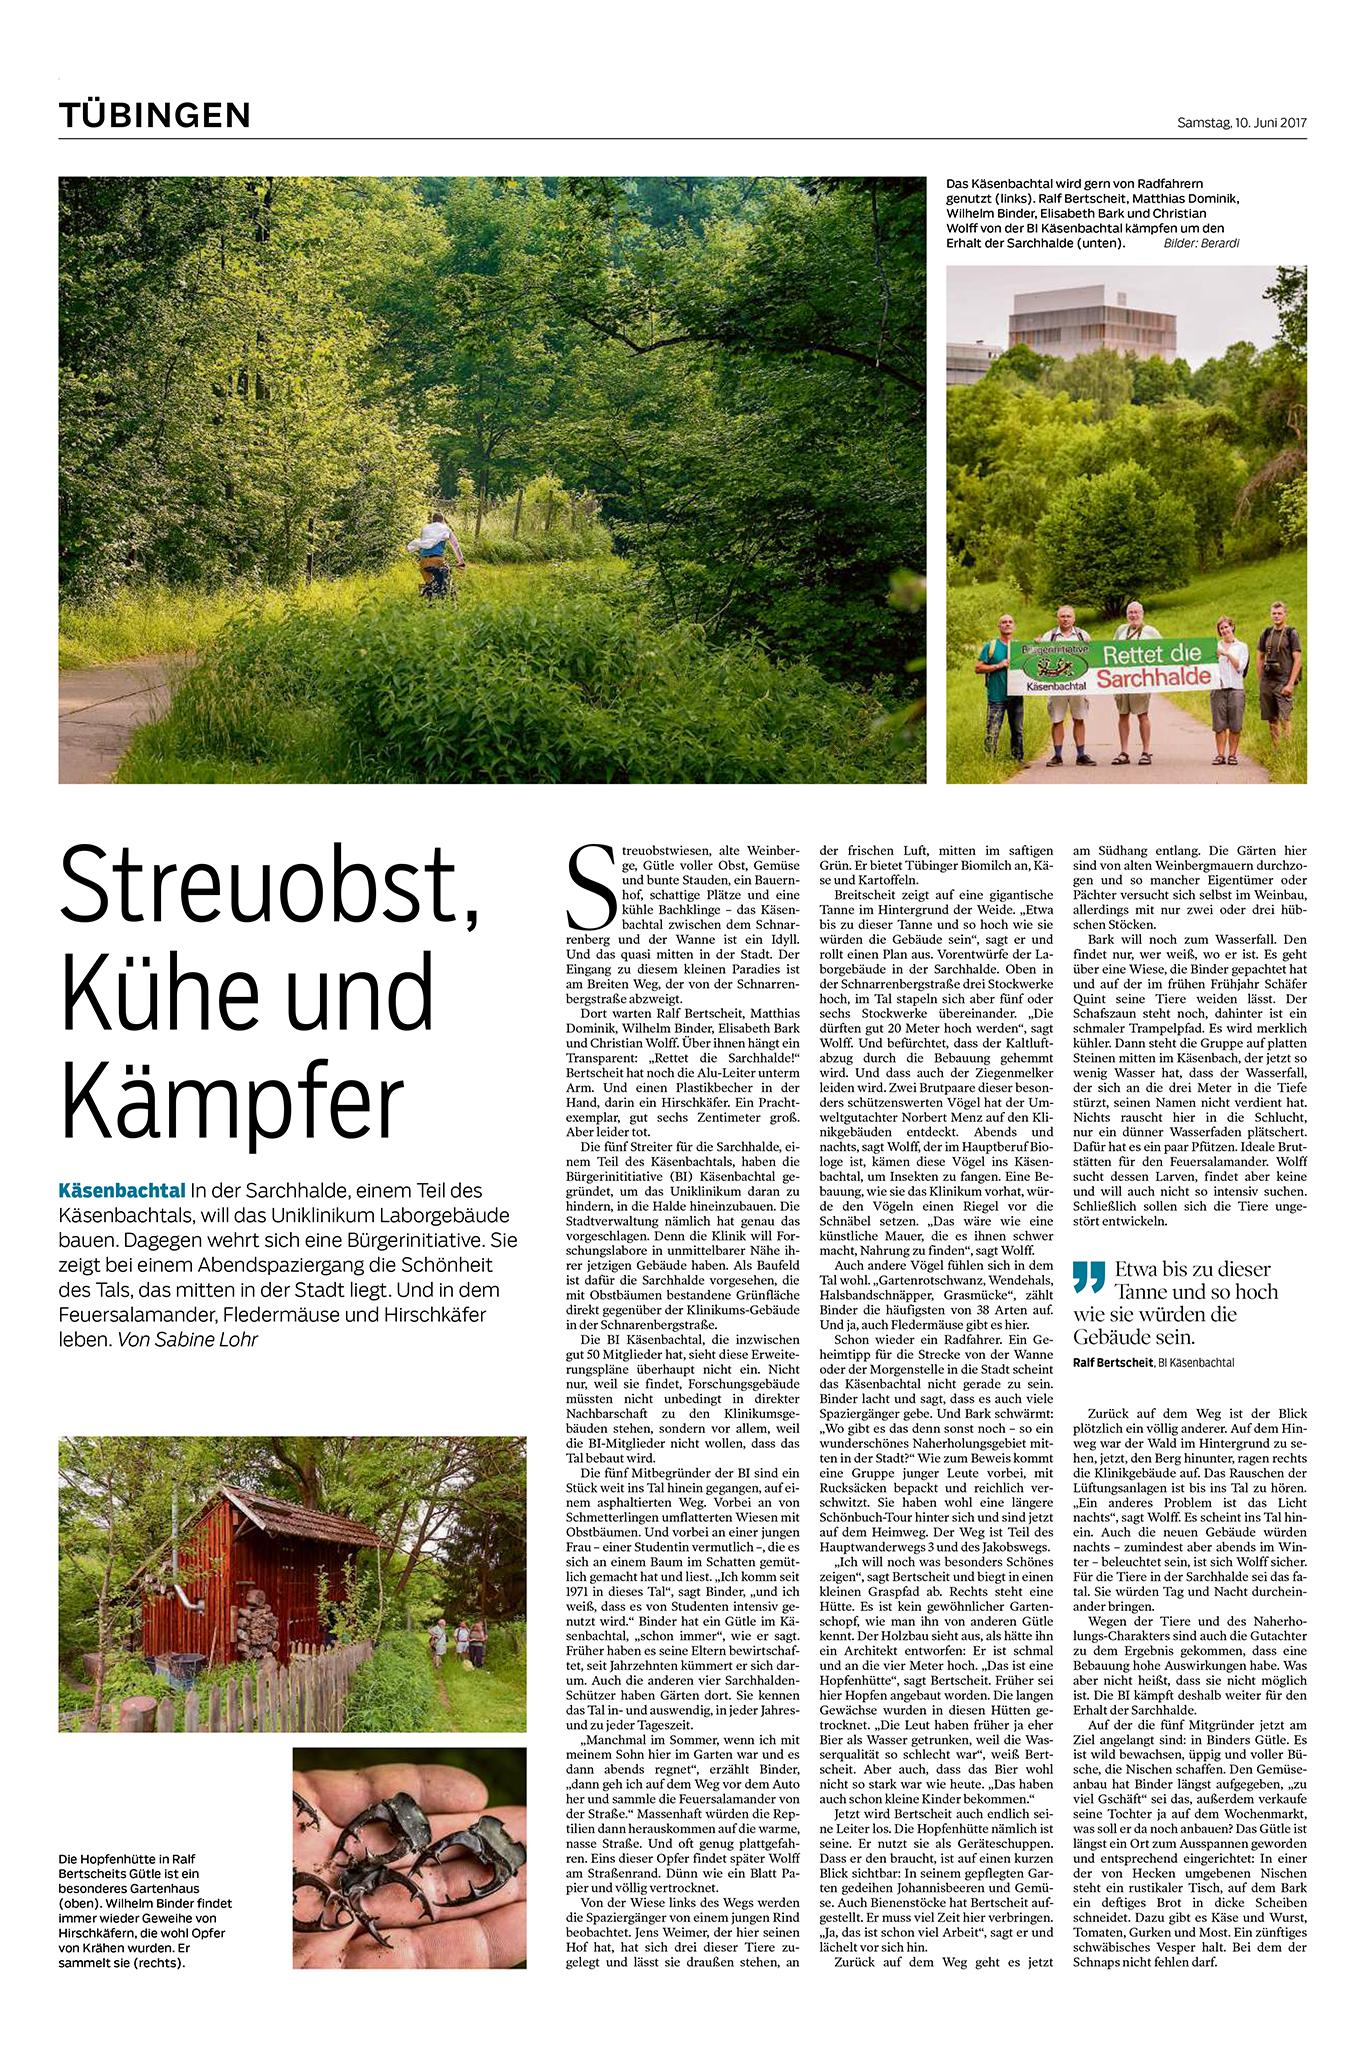 Reportage im Schwäbischen Tagblatt